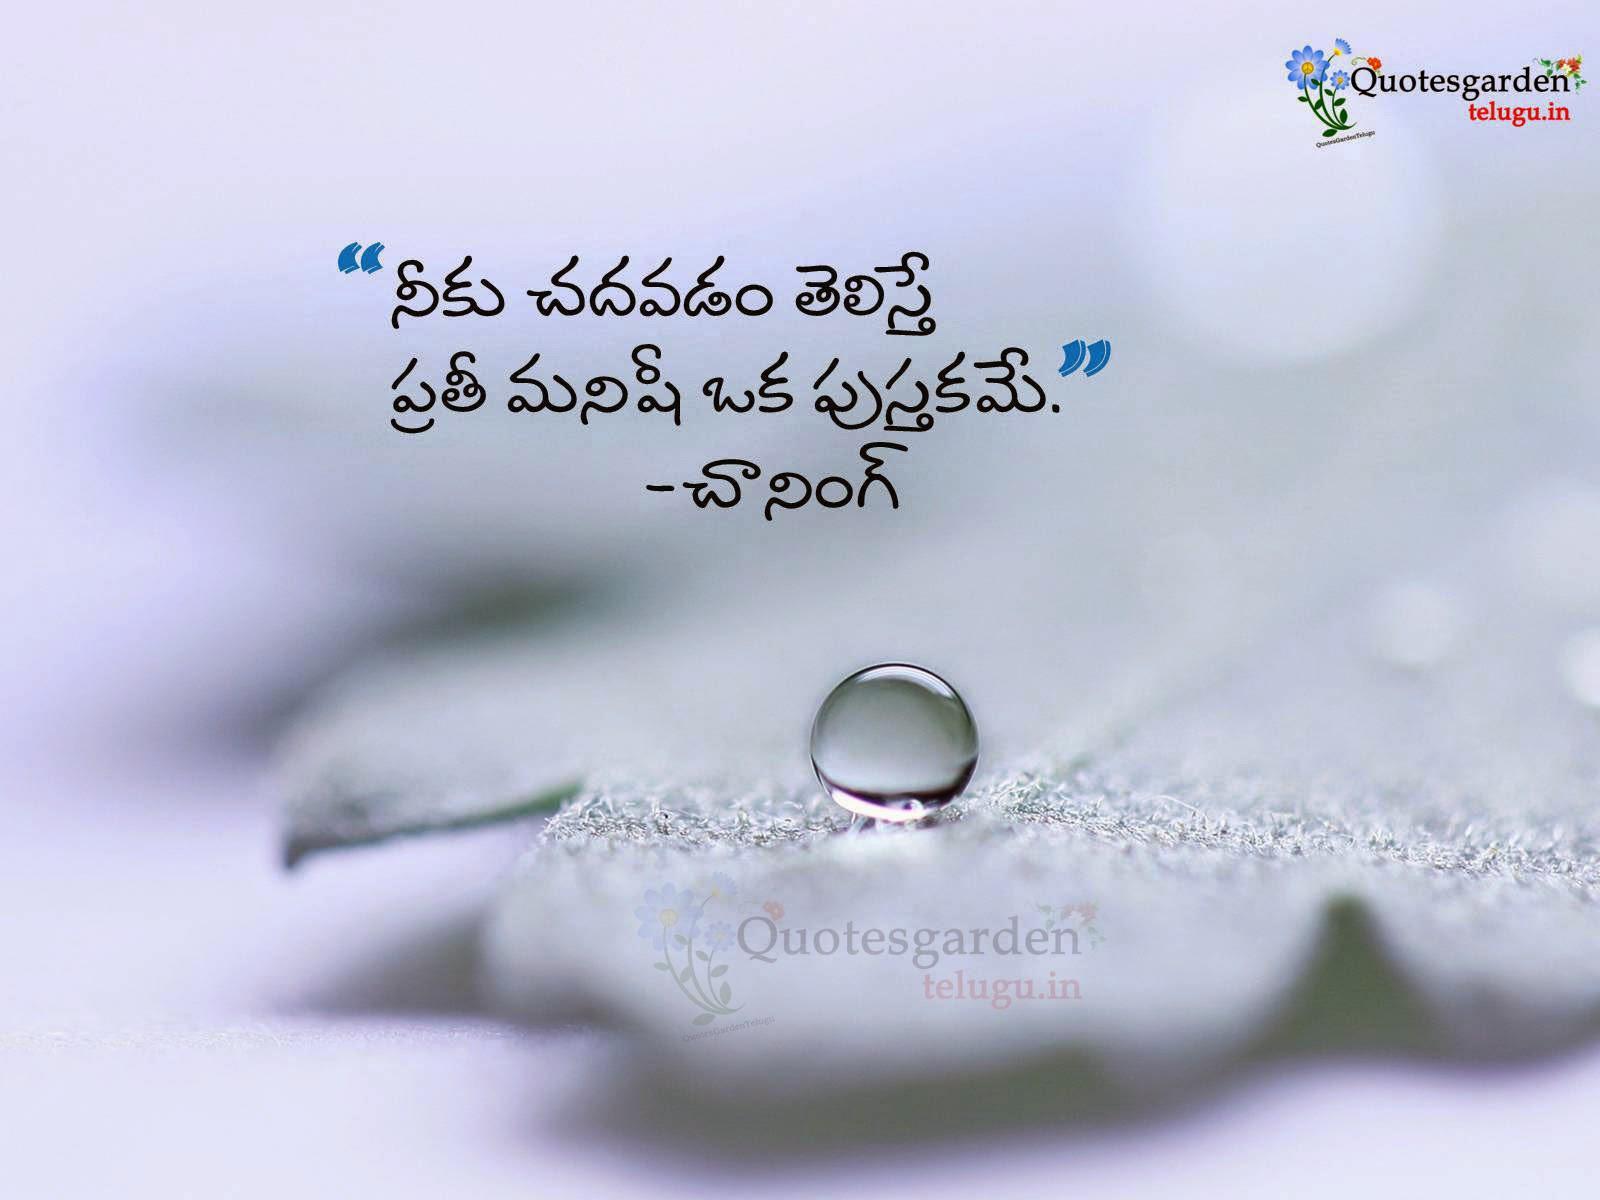 best telugu inspirational quotes top telugu quotes